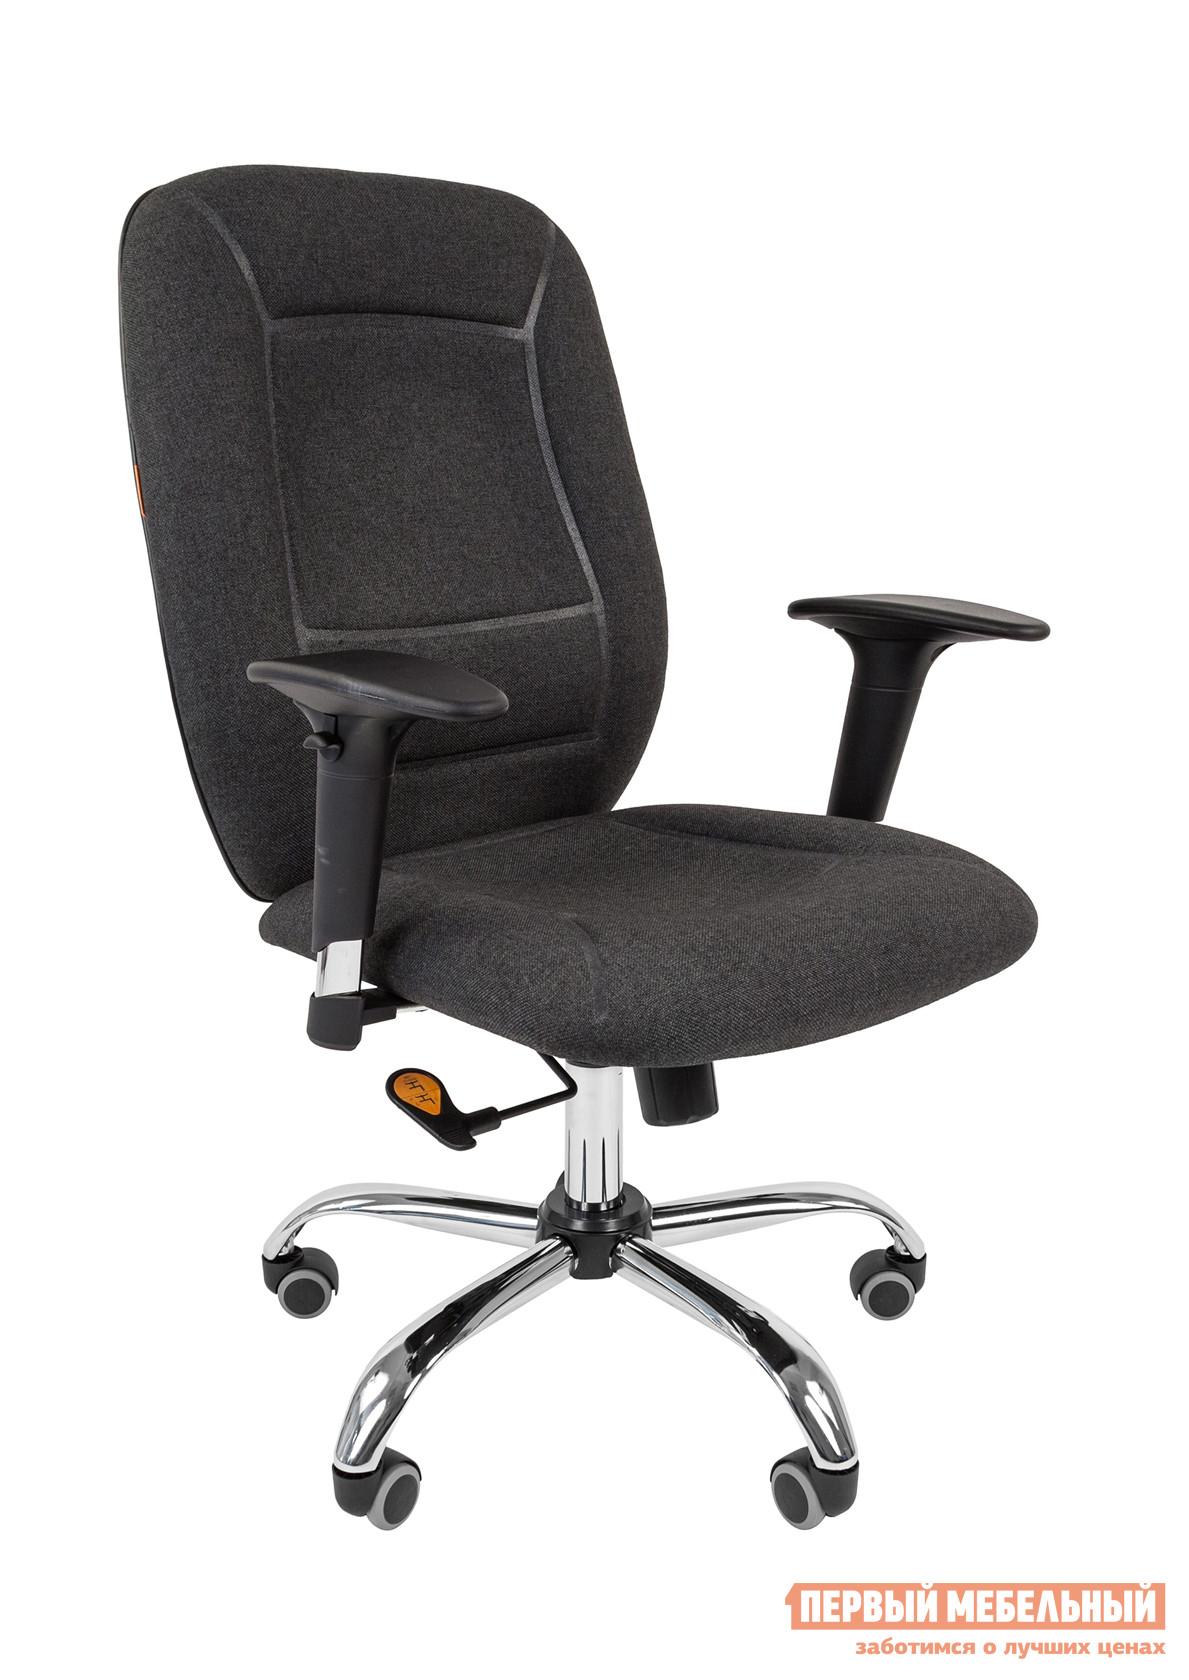 Офисное кресло Тайпит Офисное кресло Chairman 888